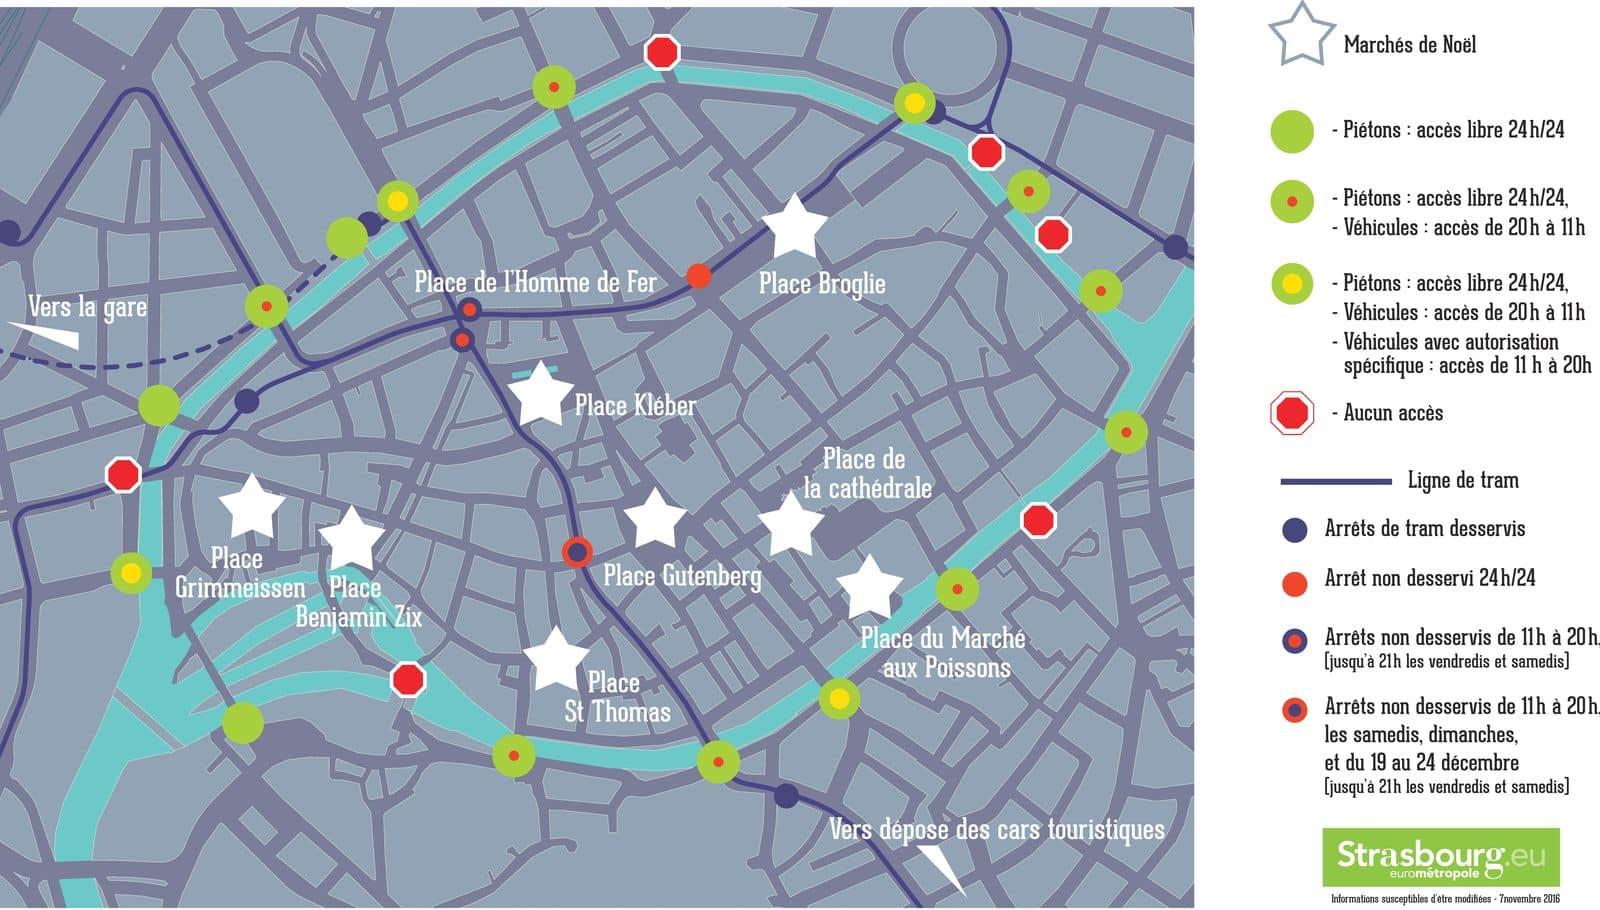 marché de noel strasbourg 2018 plan Strasbourg : huit marchés de Noël dans un centre ville verrouillé marché de noel strasbourg 2018 plan